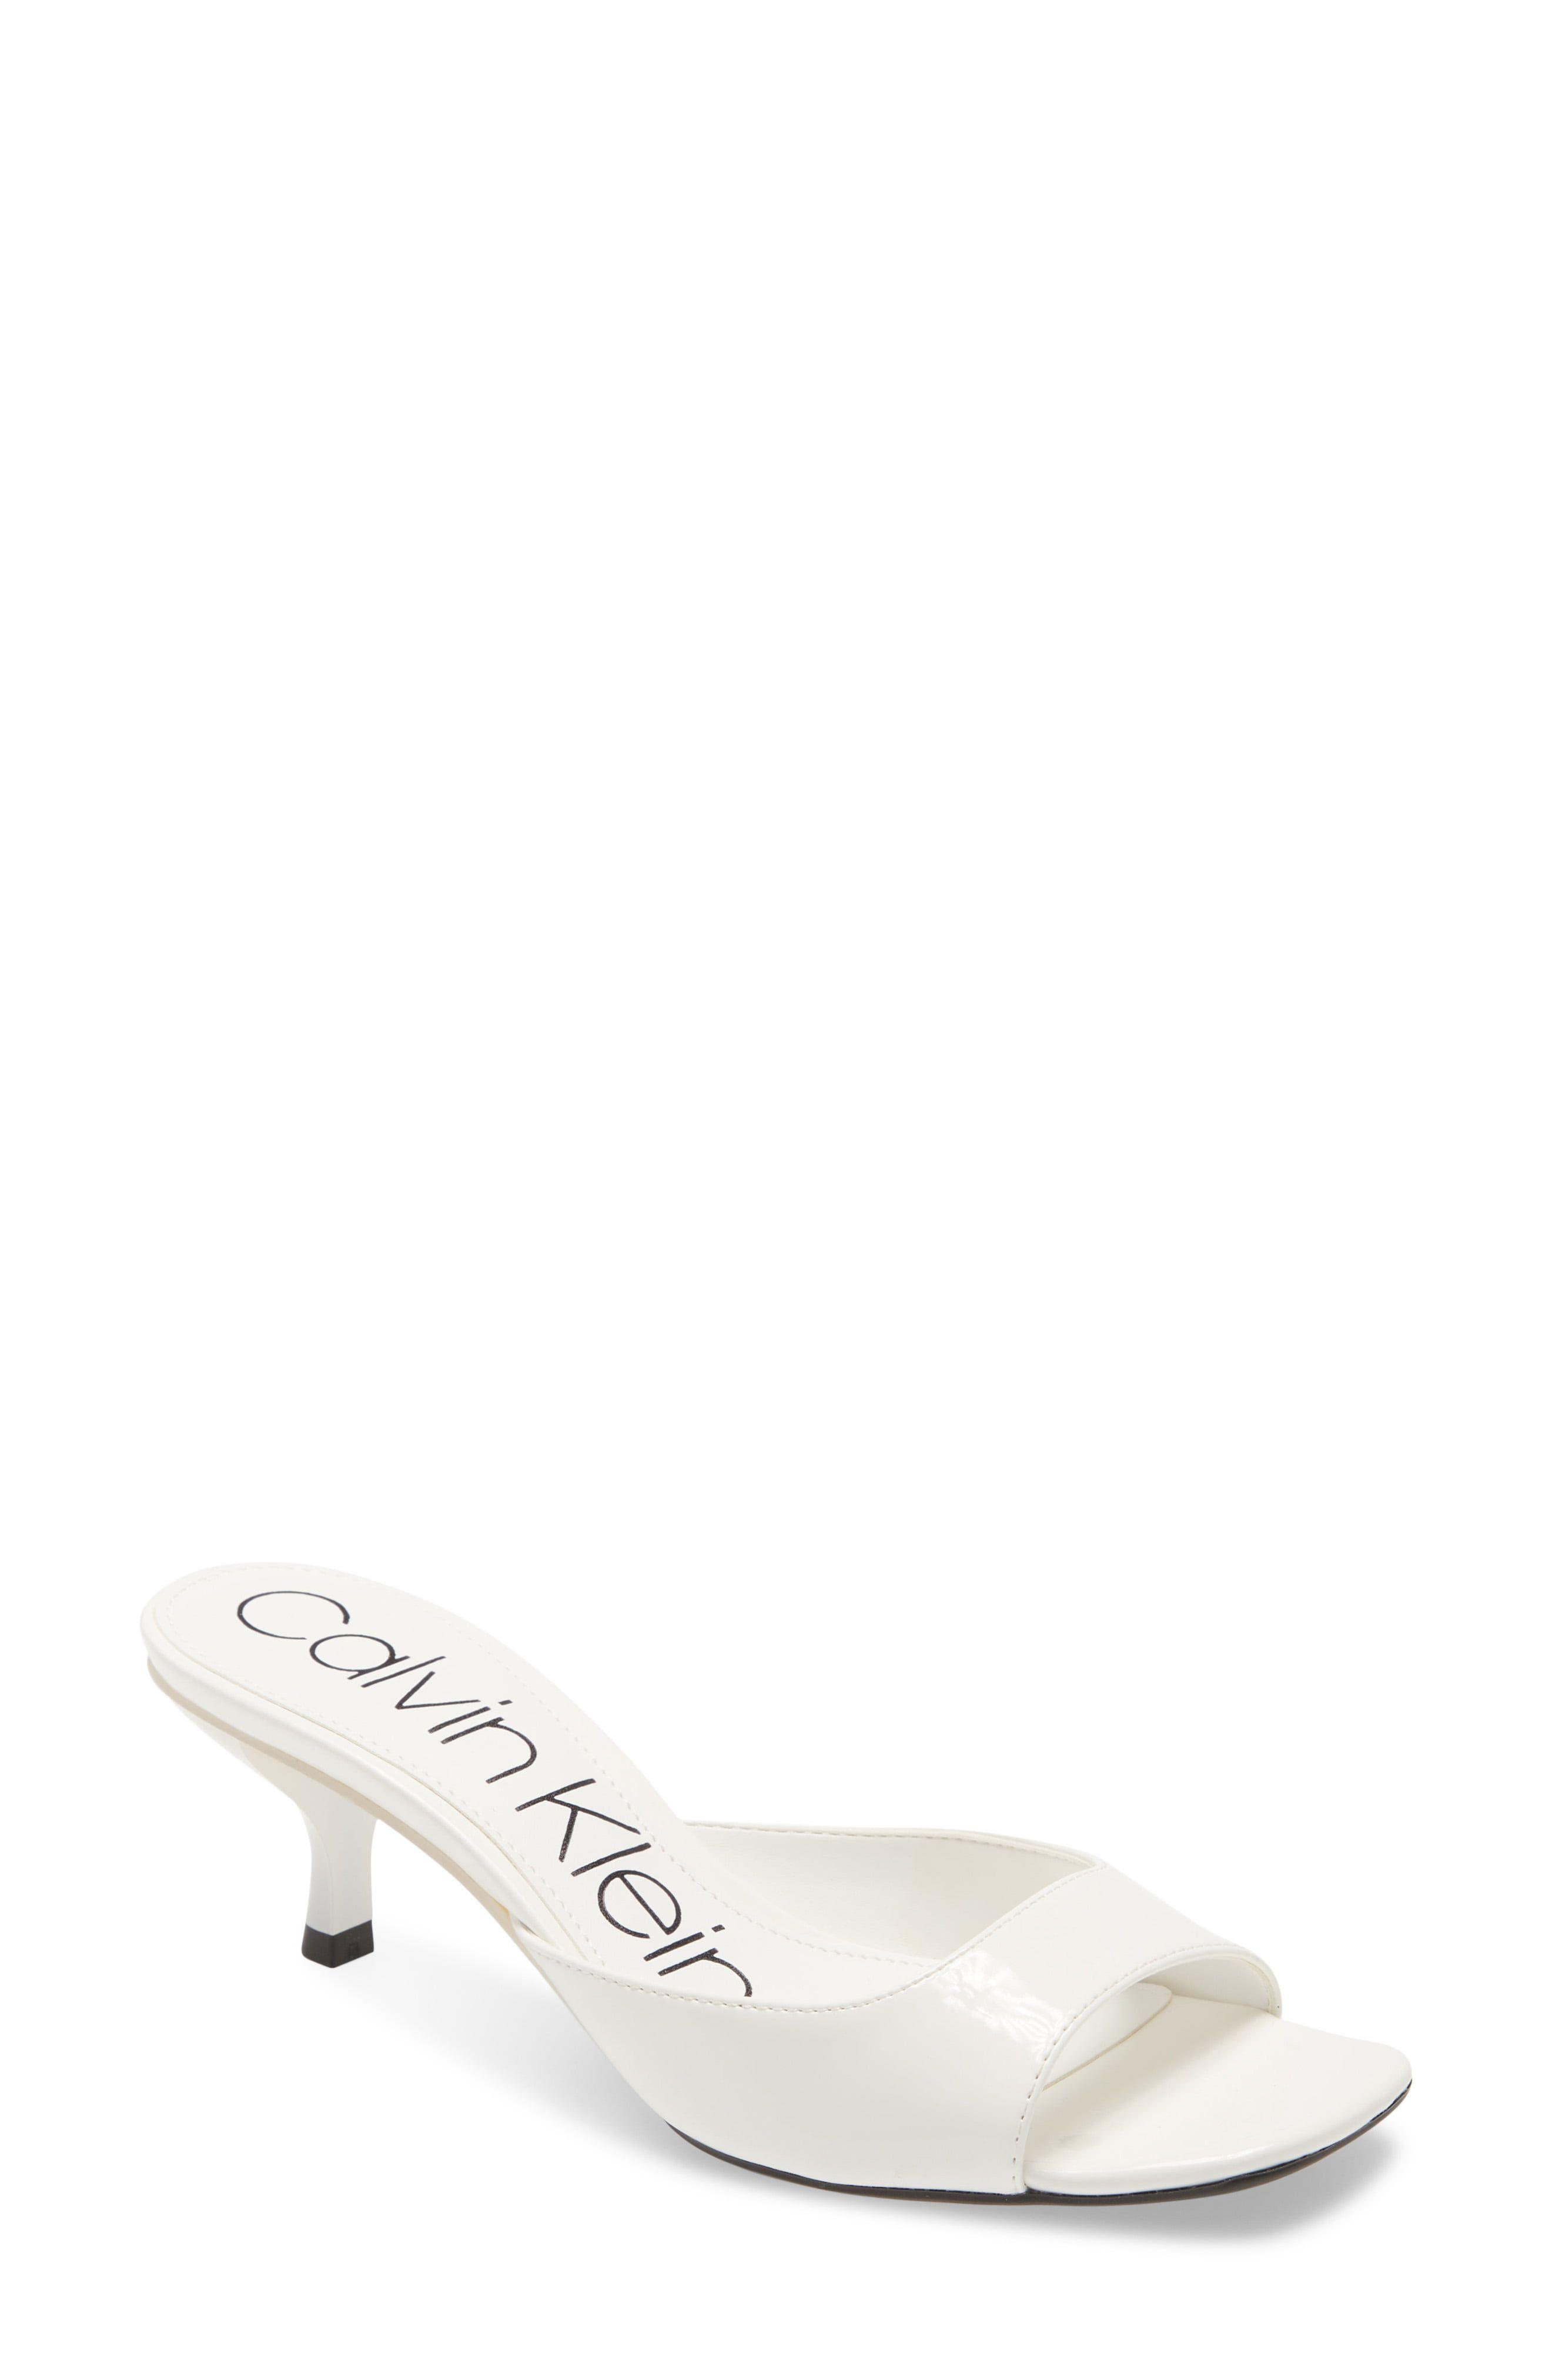 Women S Calvin Klein Mega Kitten Heel Slide Sandal Size 9 M White In 2020 Kitten Heels Heels Kitten Heel Sandals